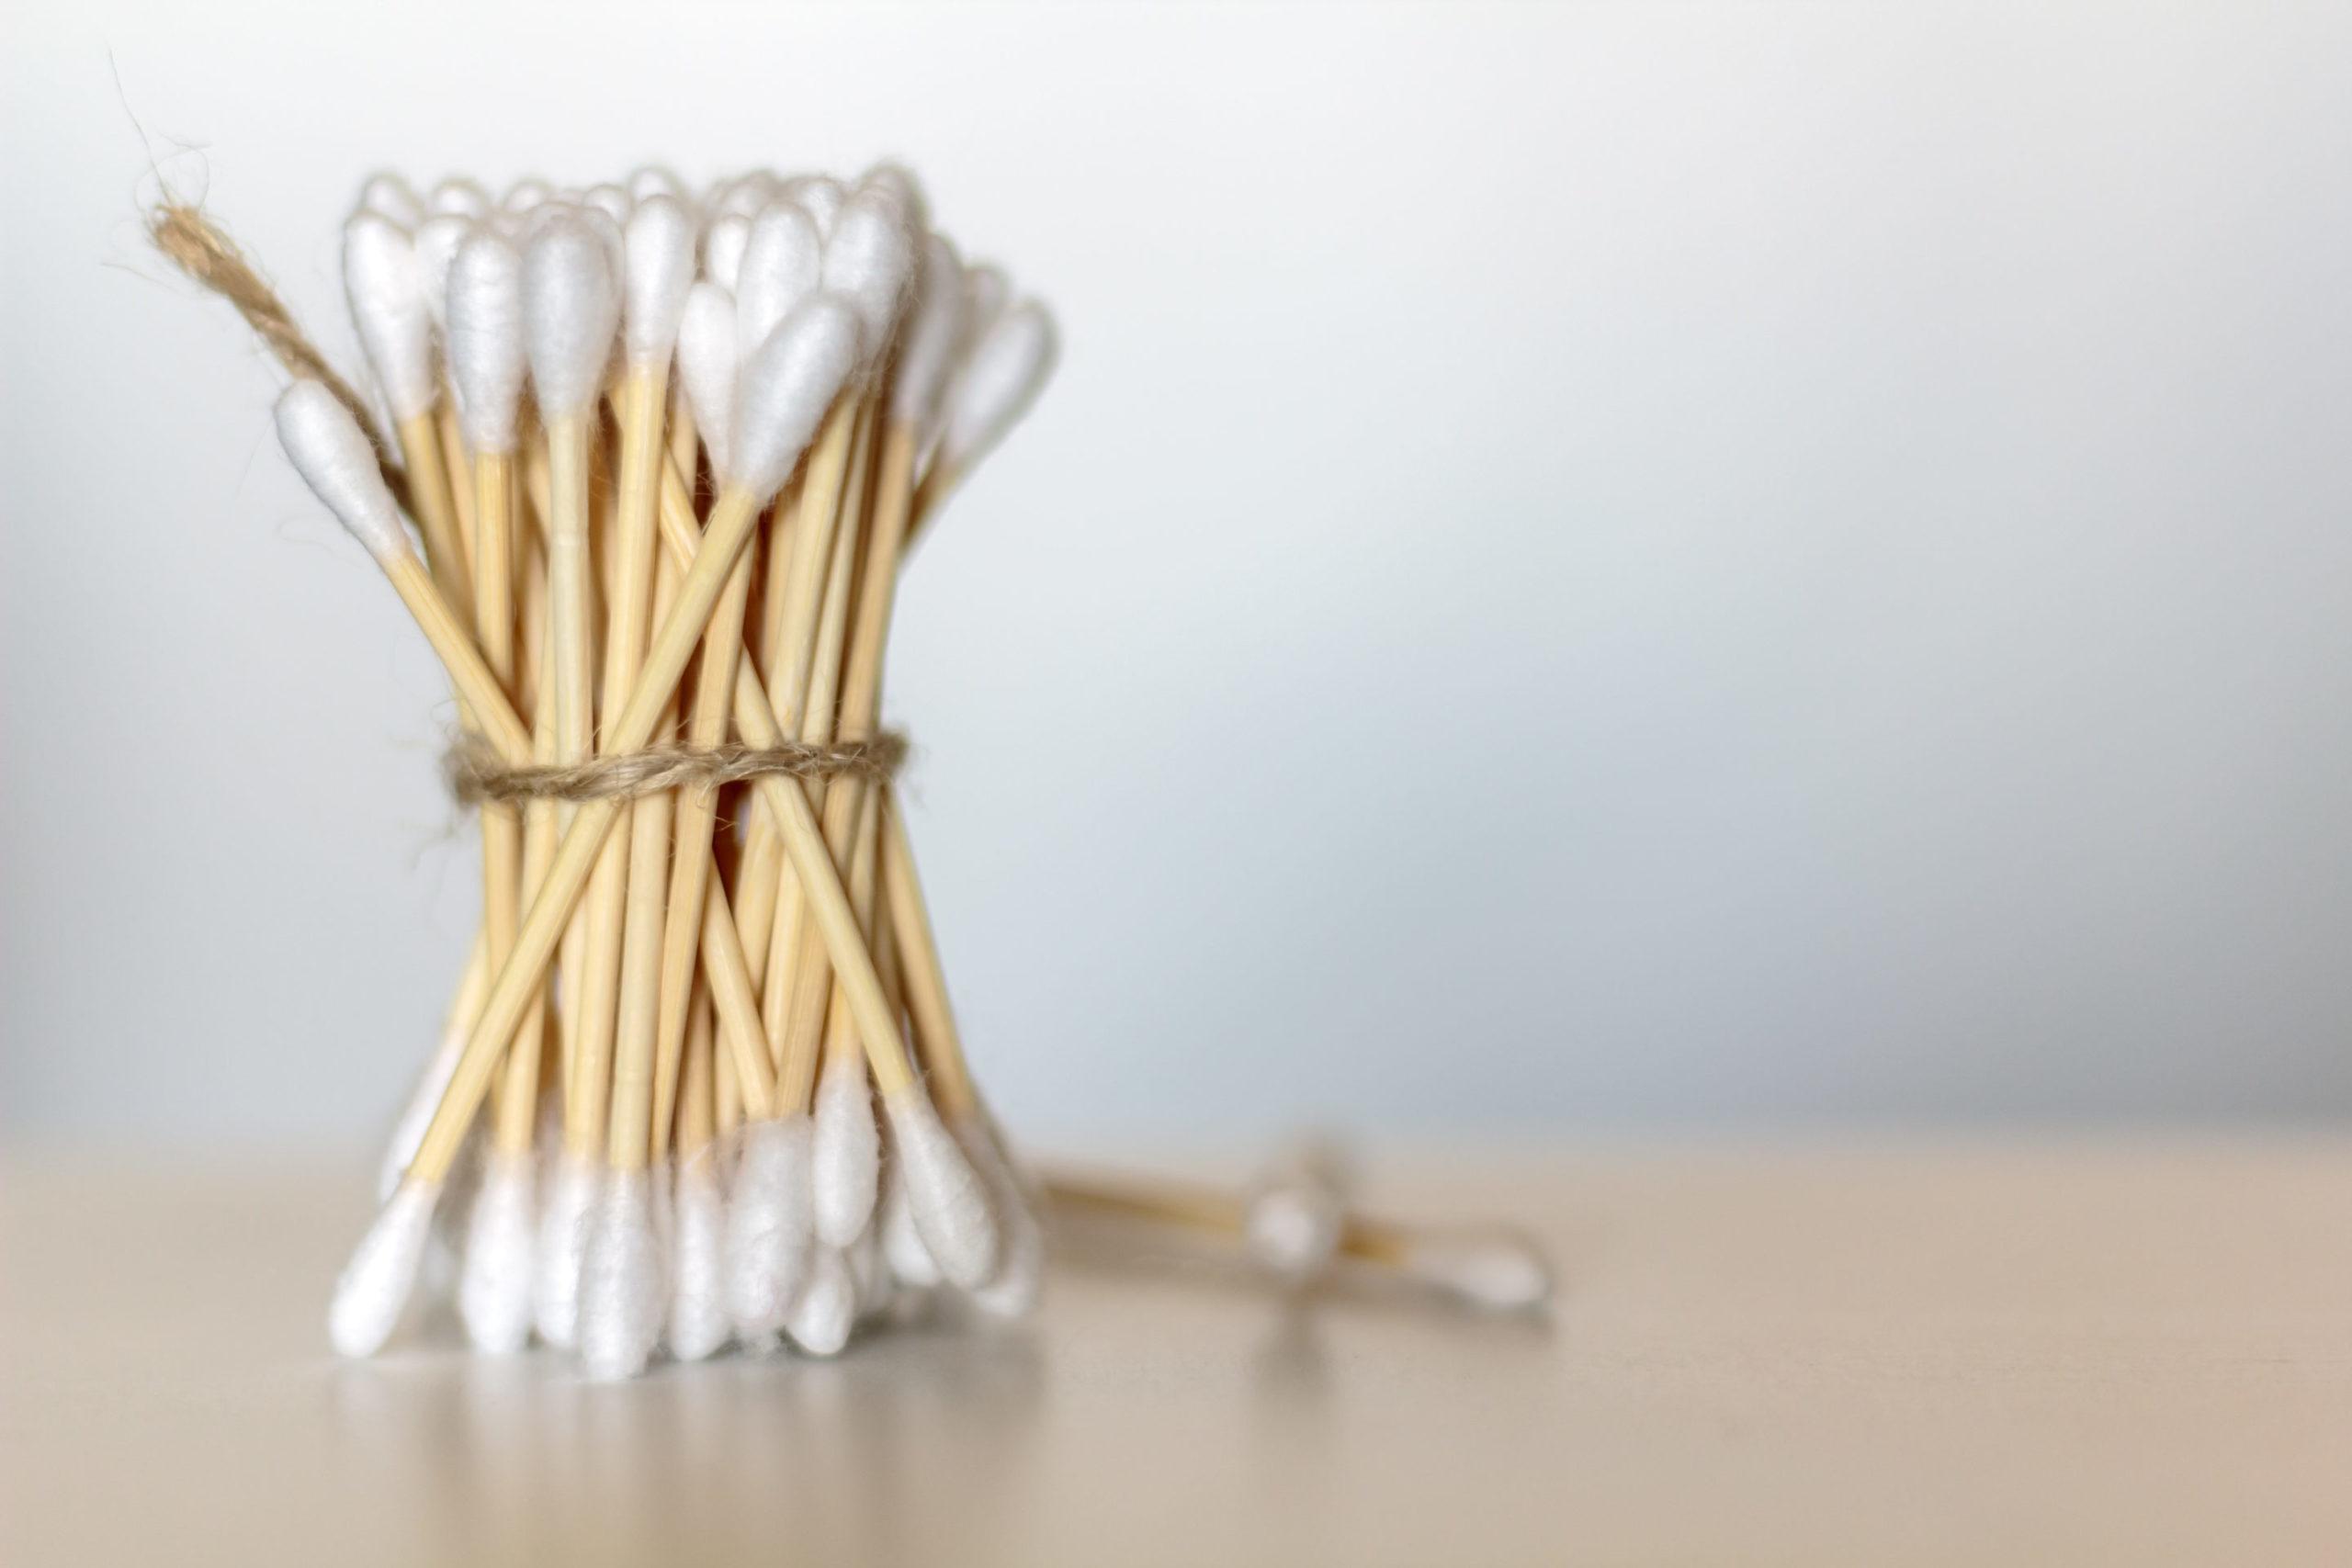 coton-tiges-bambous